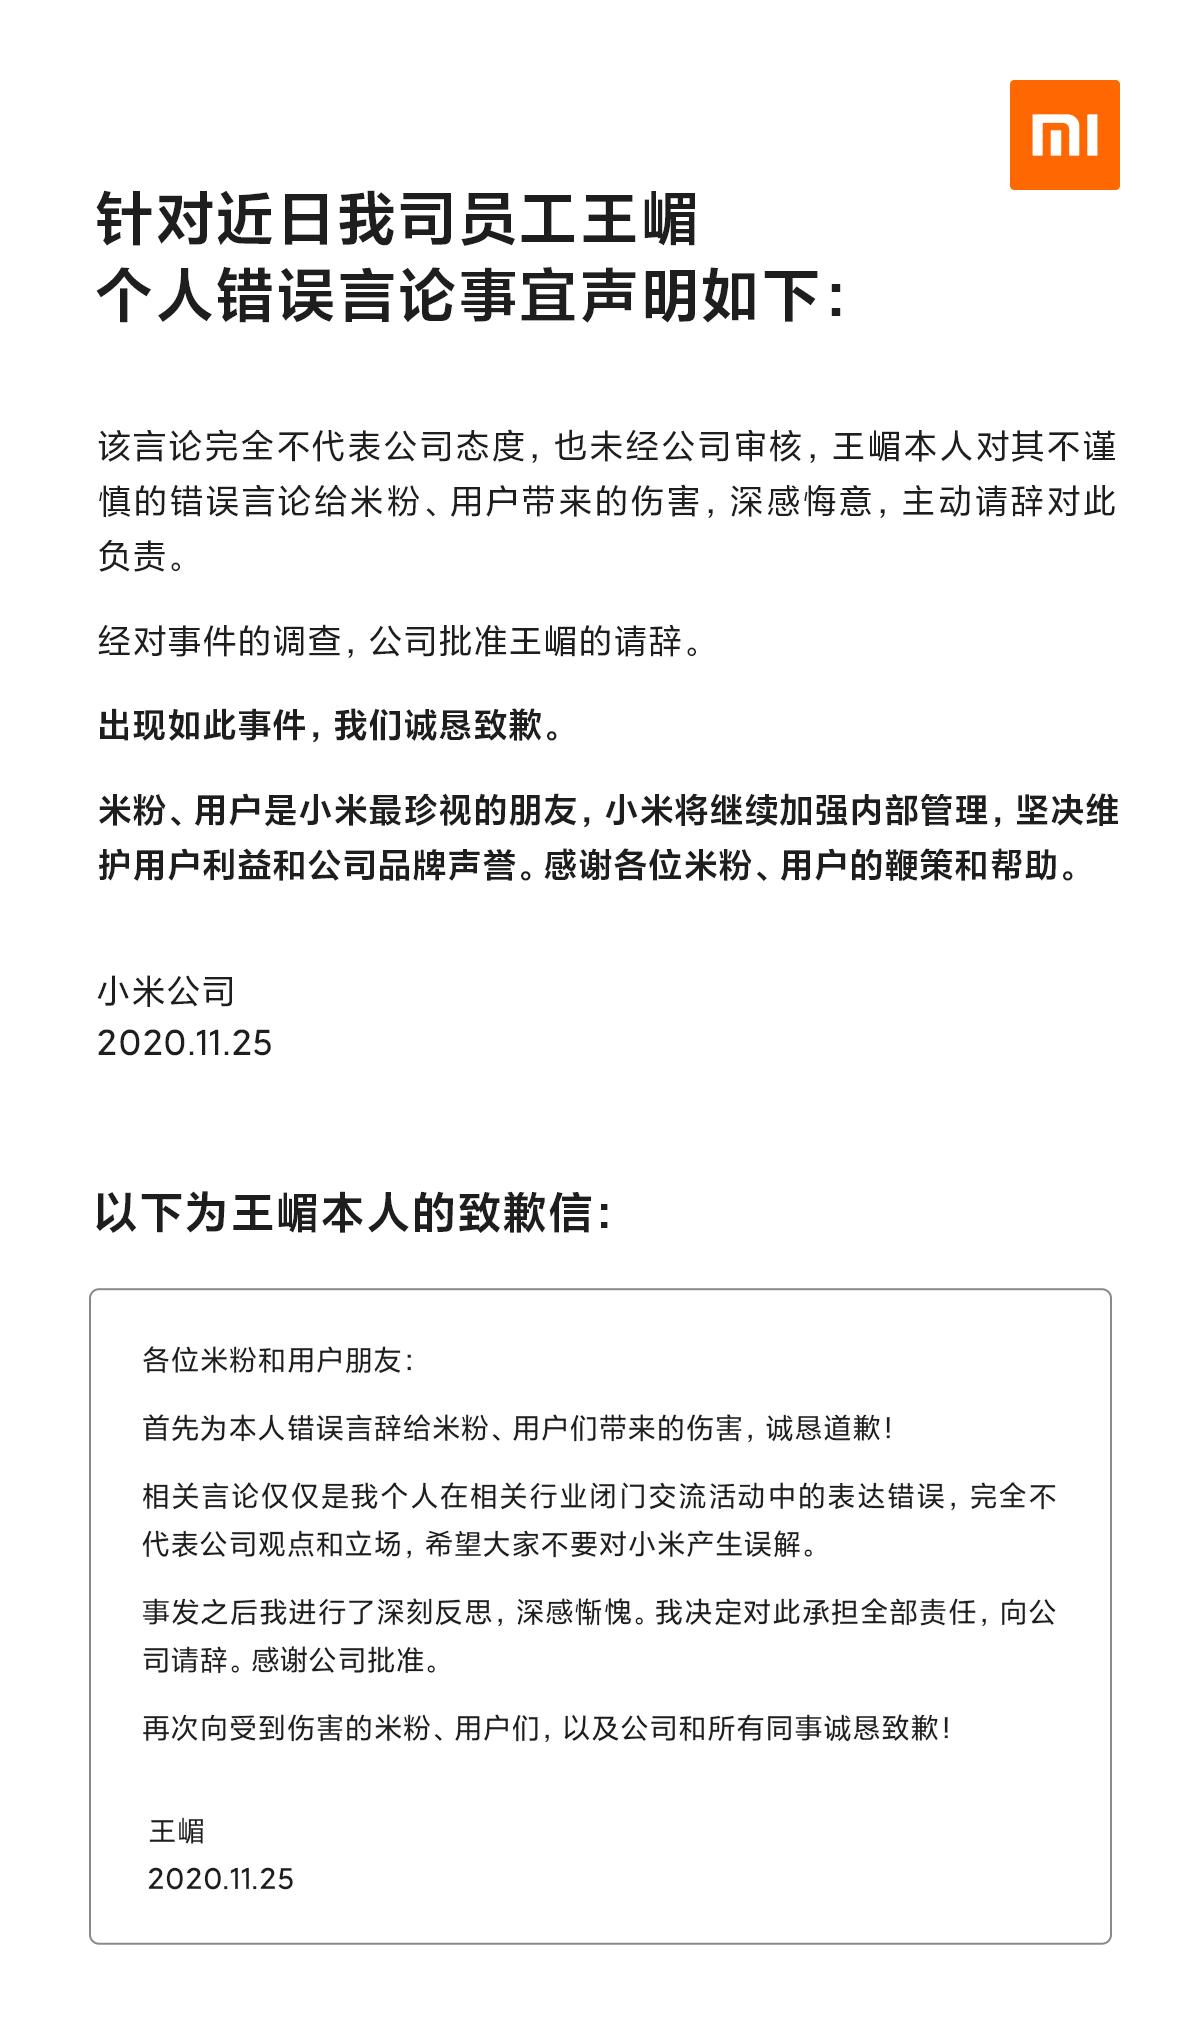 """小米高管发表""""屌丝""""言论引网友不满 当事人已请辞"""